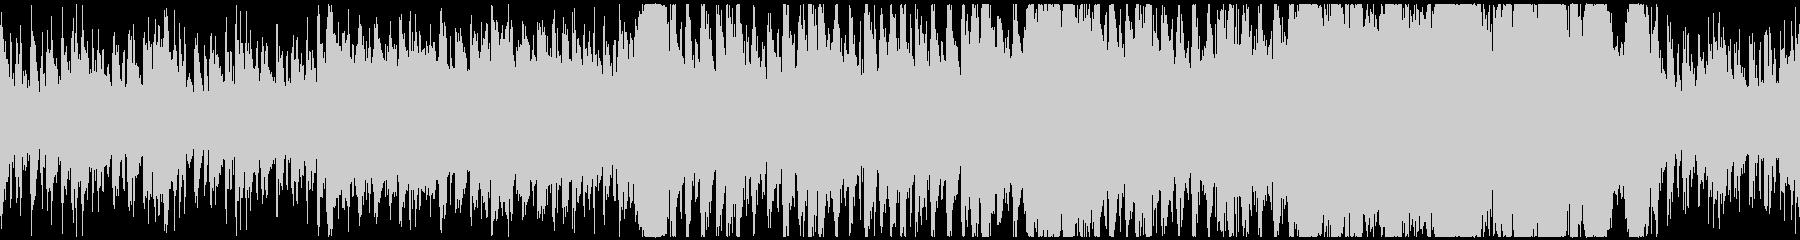 疾走感のある厳格フルオーケストラバトル曲の未再生の波形